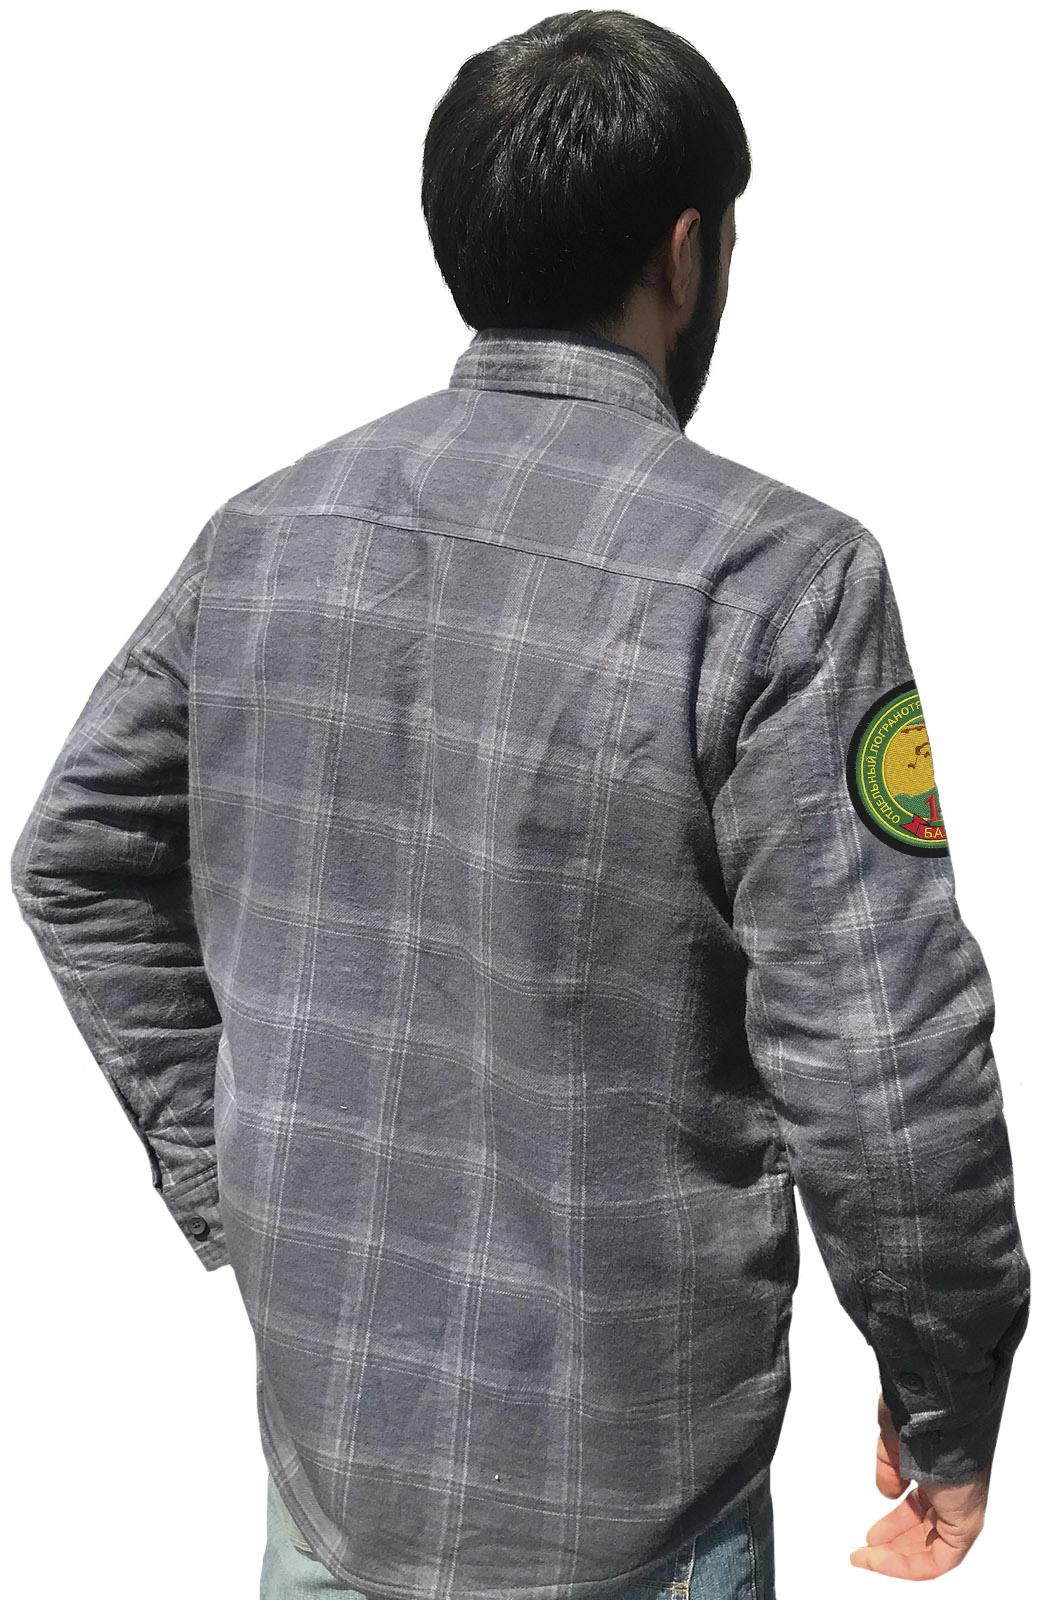 Рубашка с шевроном Пограничника - 14-й Погранотряд Особого Назначения БАРС заказать в подарок